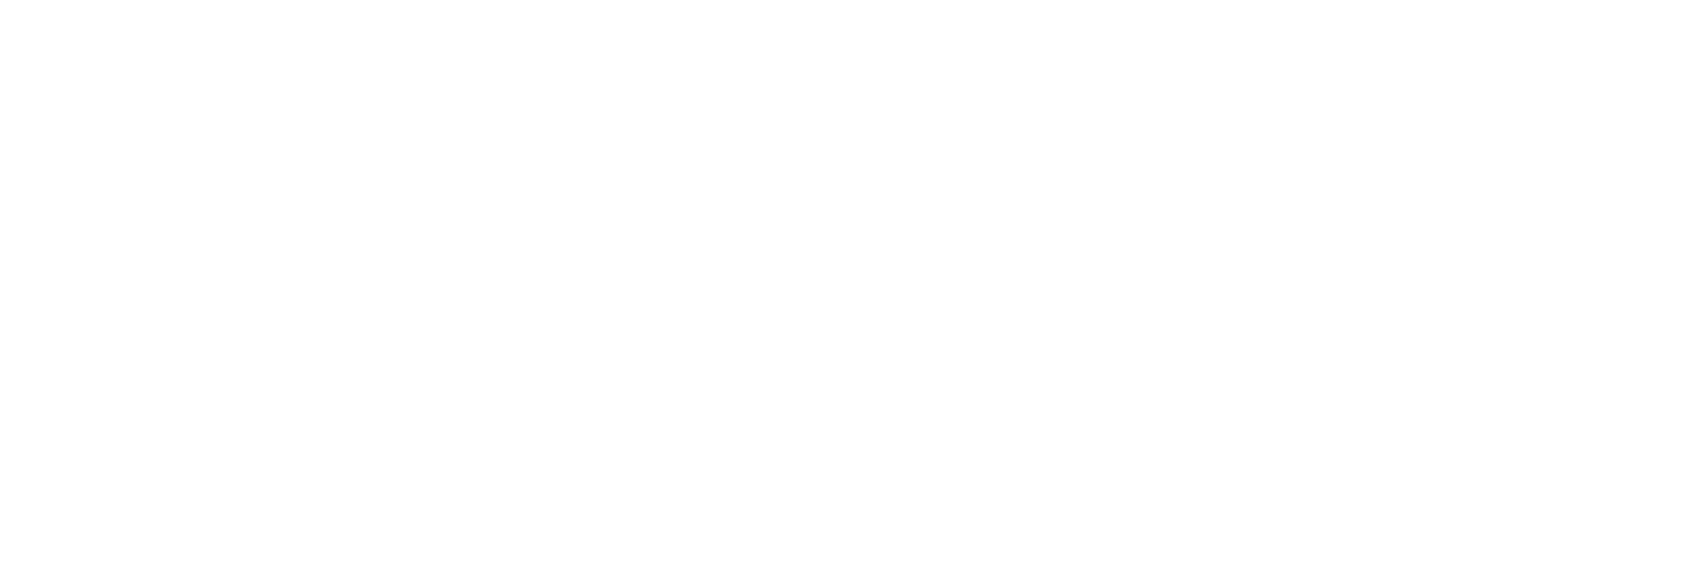 BCG Logistics logo.